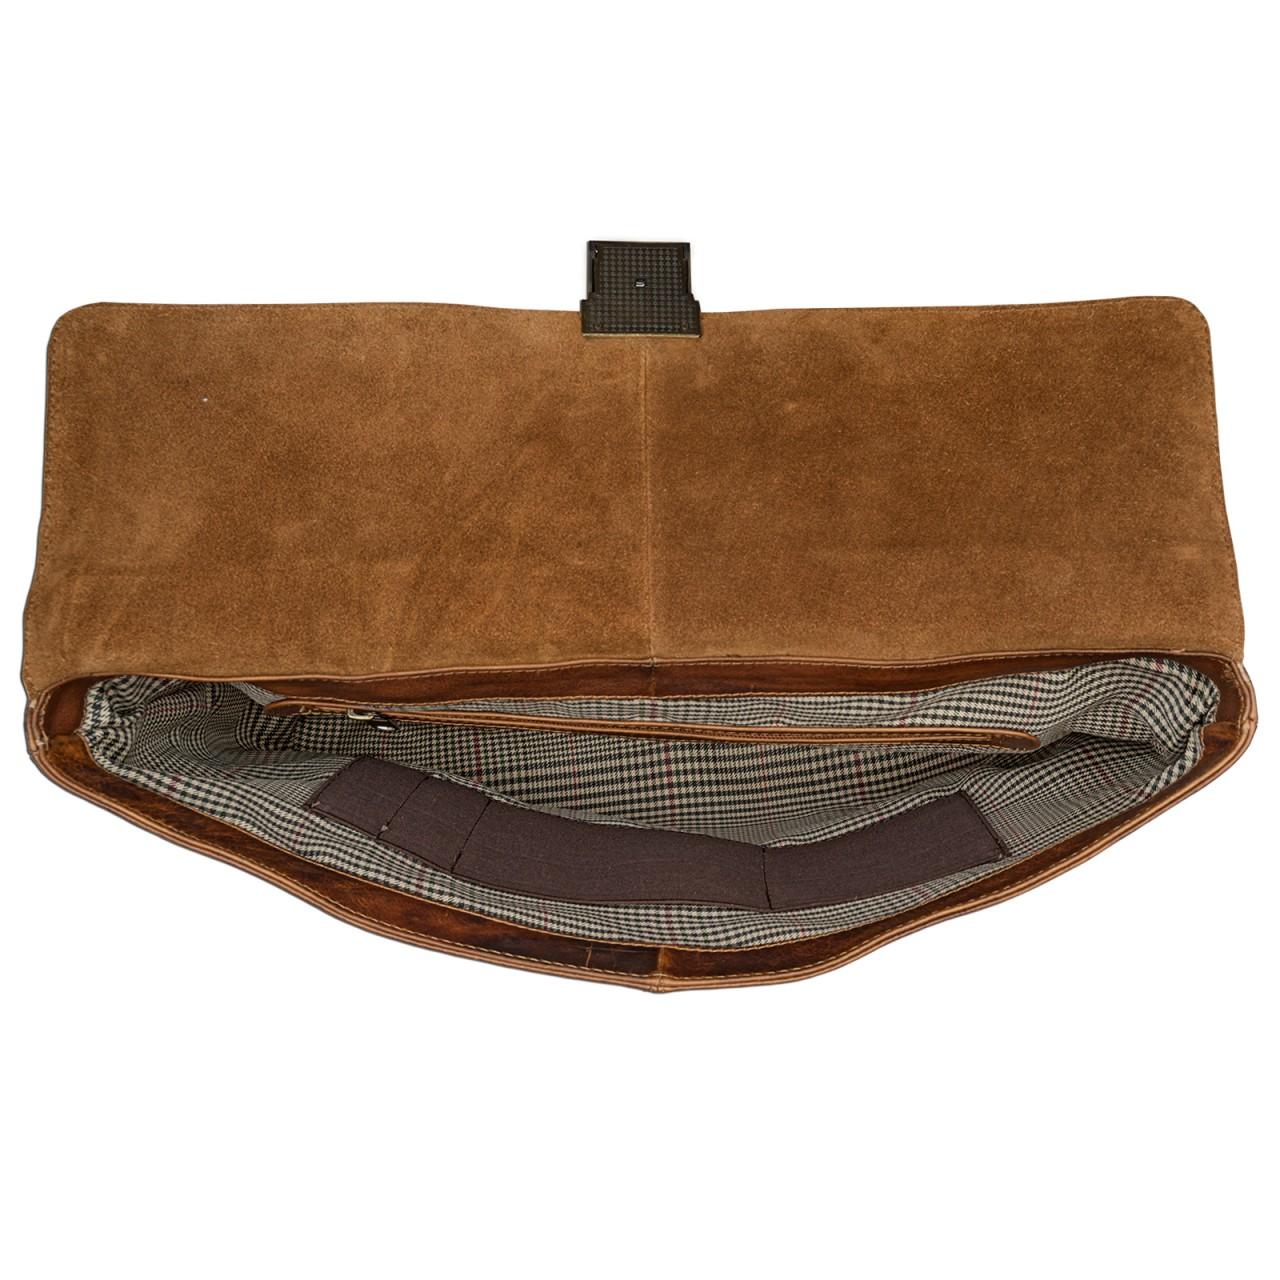 STILORD kleine Vintage Aktentasche elegante Businesstasche aus echtem Leder mit Schloss Rinds Leder Braun - Bild 4